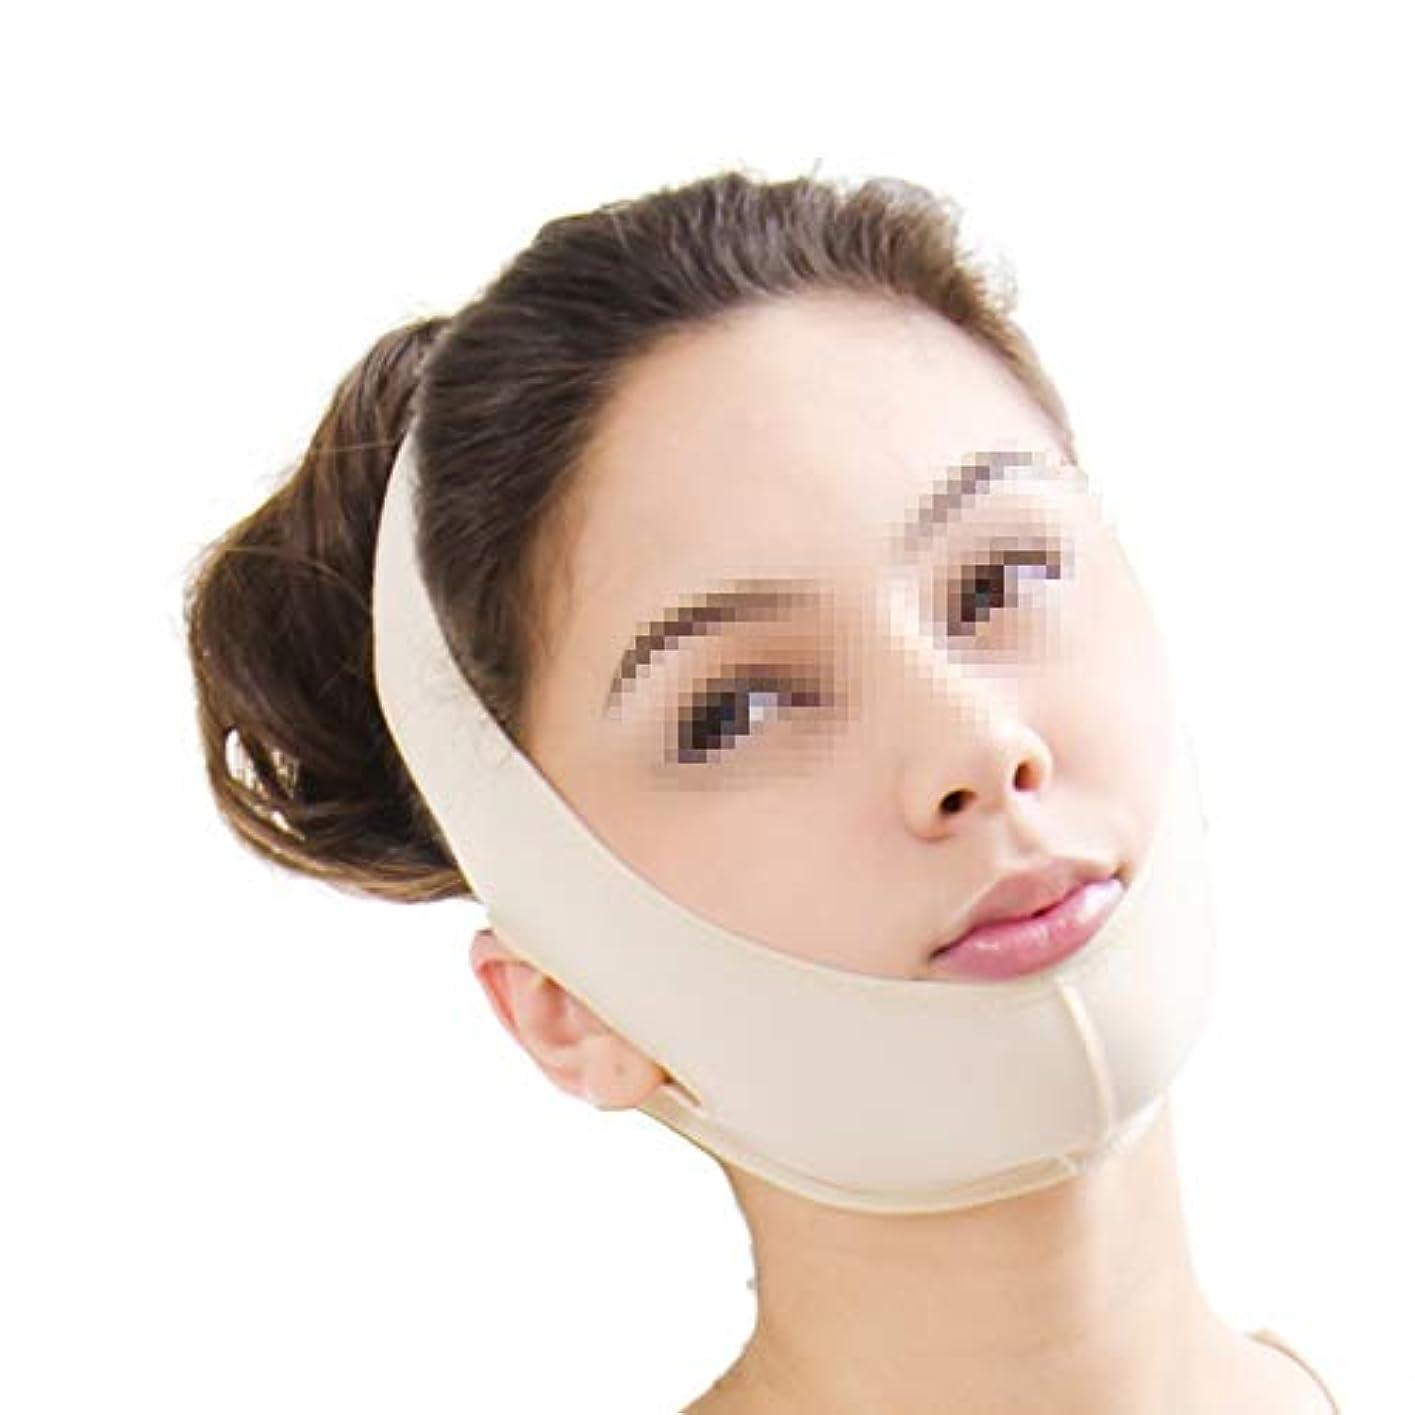 効果米国鉛フェイスリフトマスク、圧縮後の顎顔面二重あご化粧品脂肪吸引小さな顔包帯弾性ヘッドギア (Size : XXL)